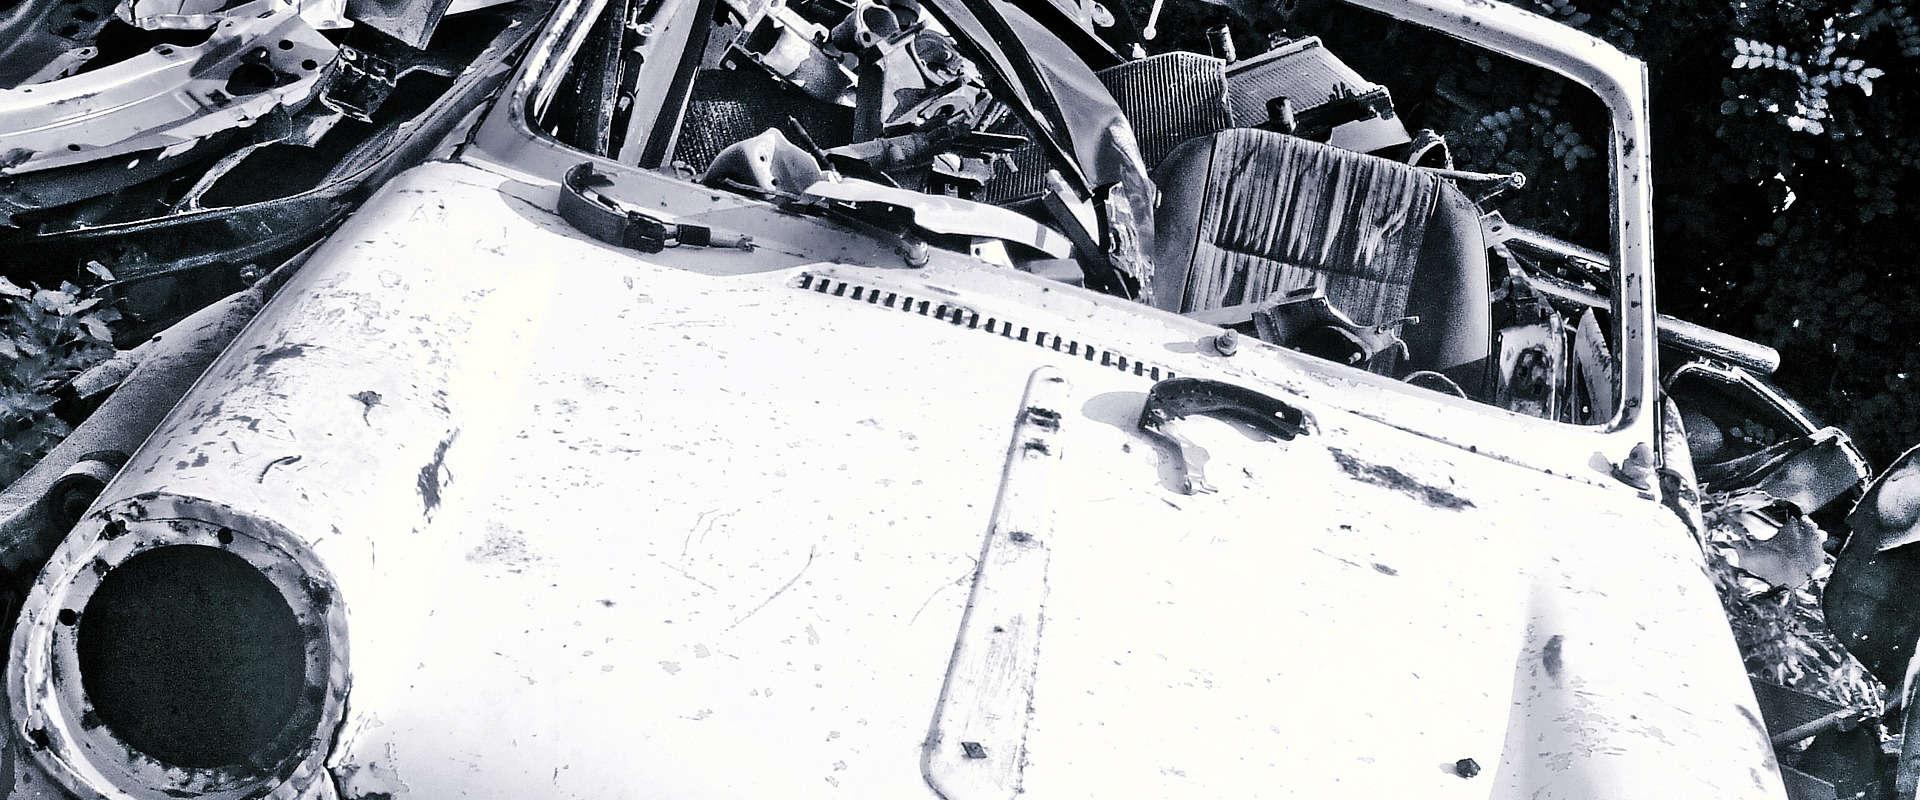 Prix pour recyclage voiture et récupération